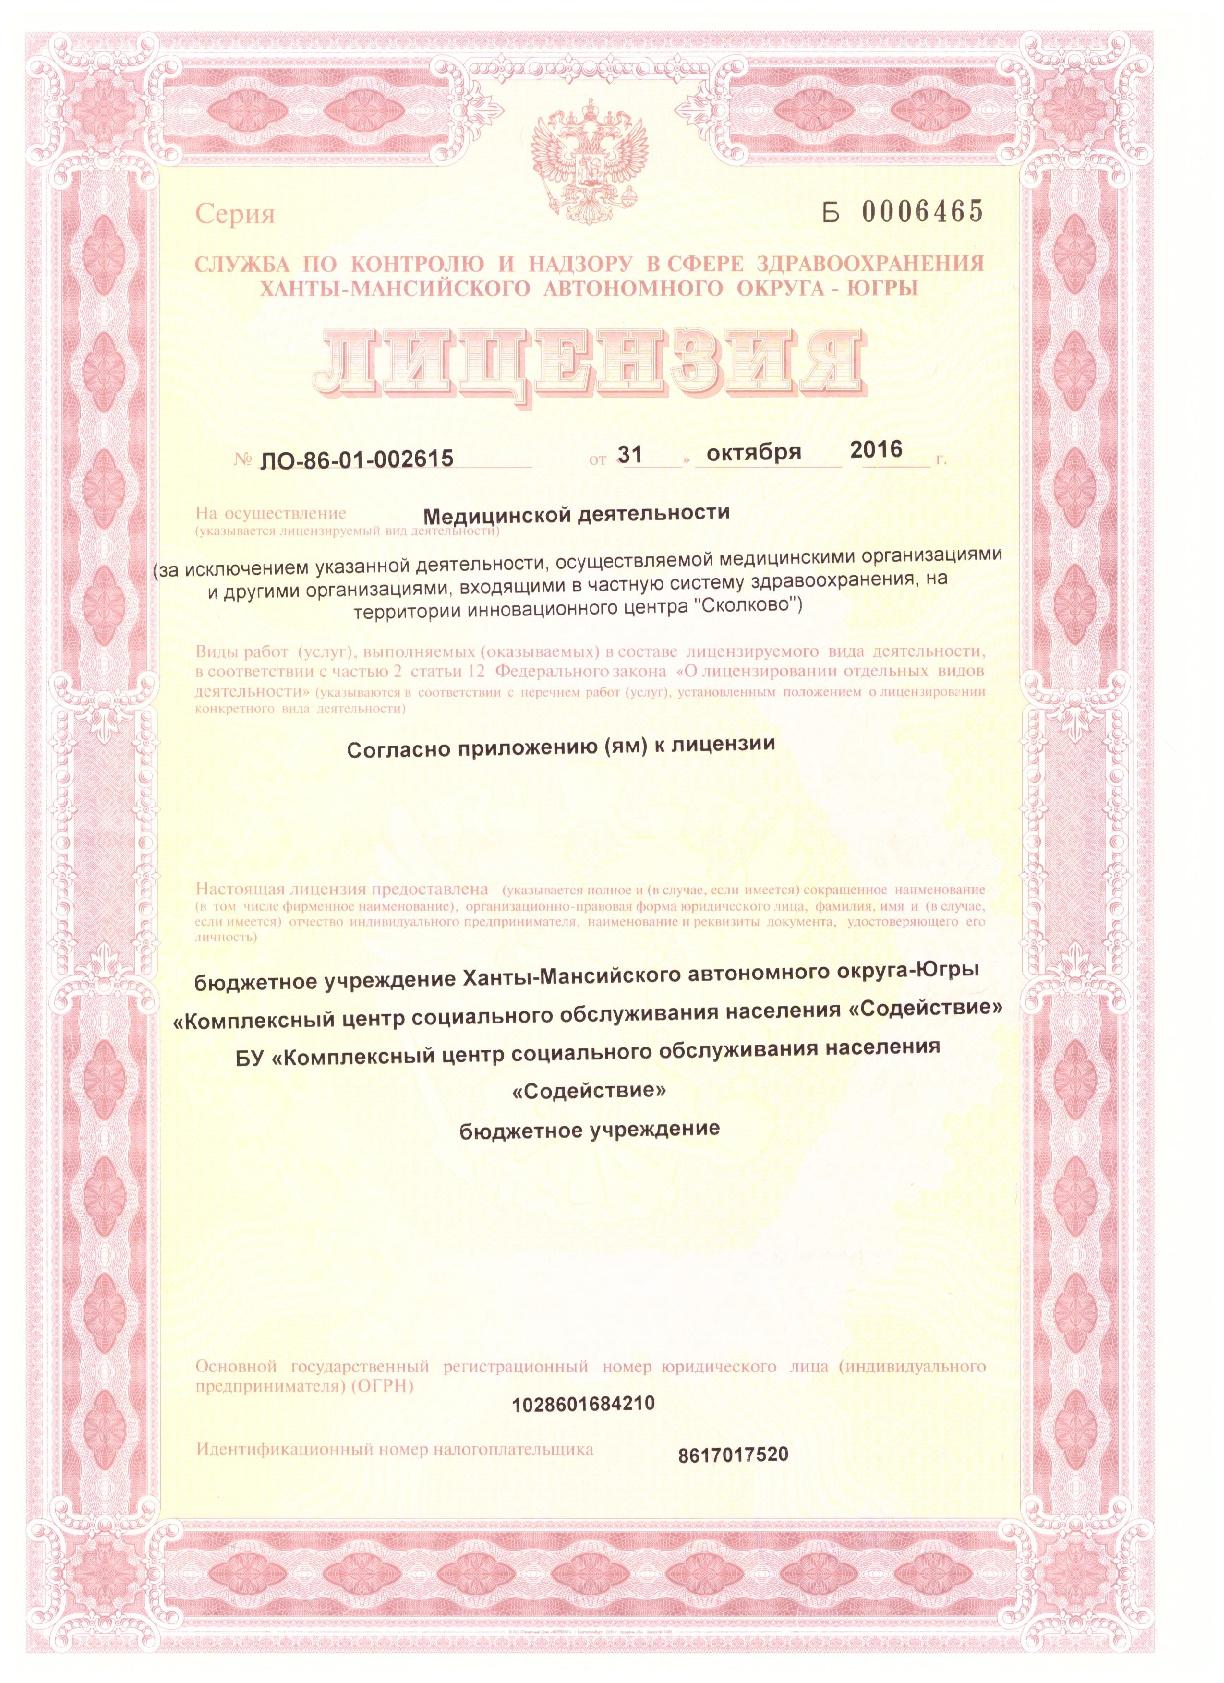 Лицензия на осуществление медицинской деятельности от 31.10.2016 (страница 1)